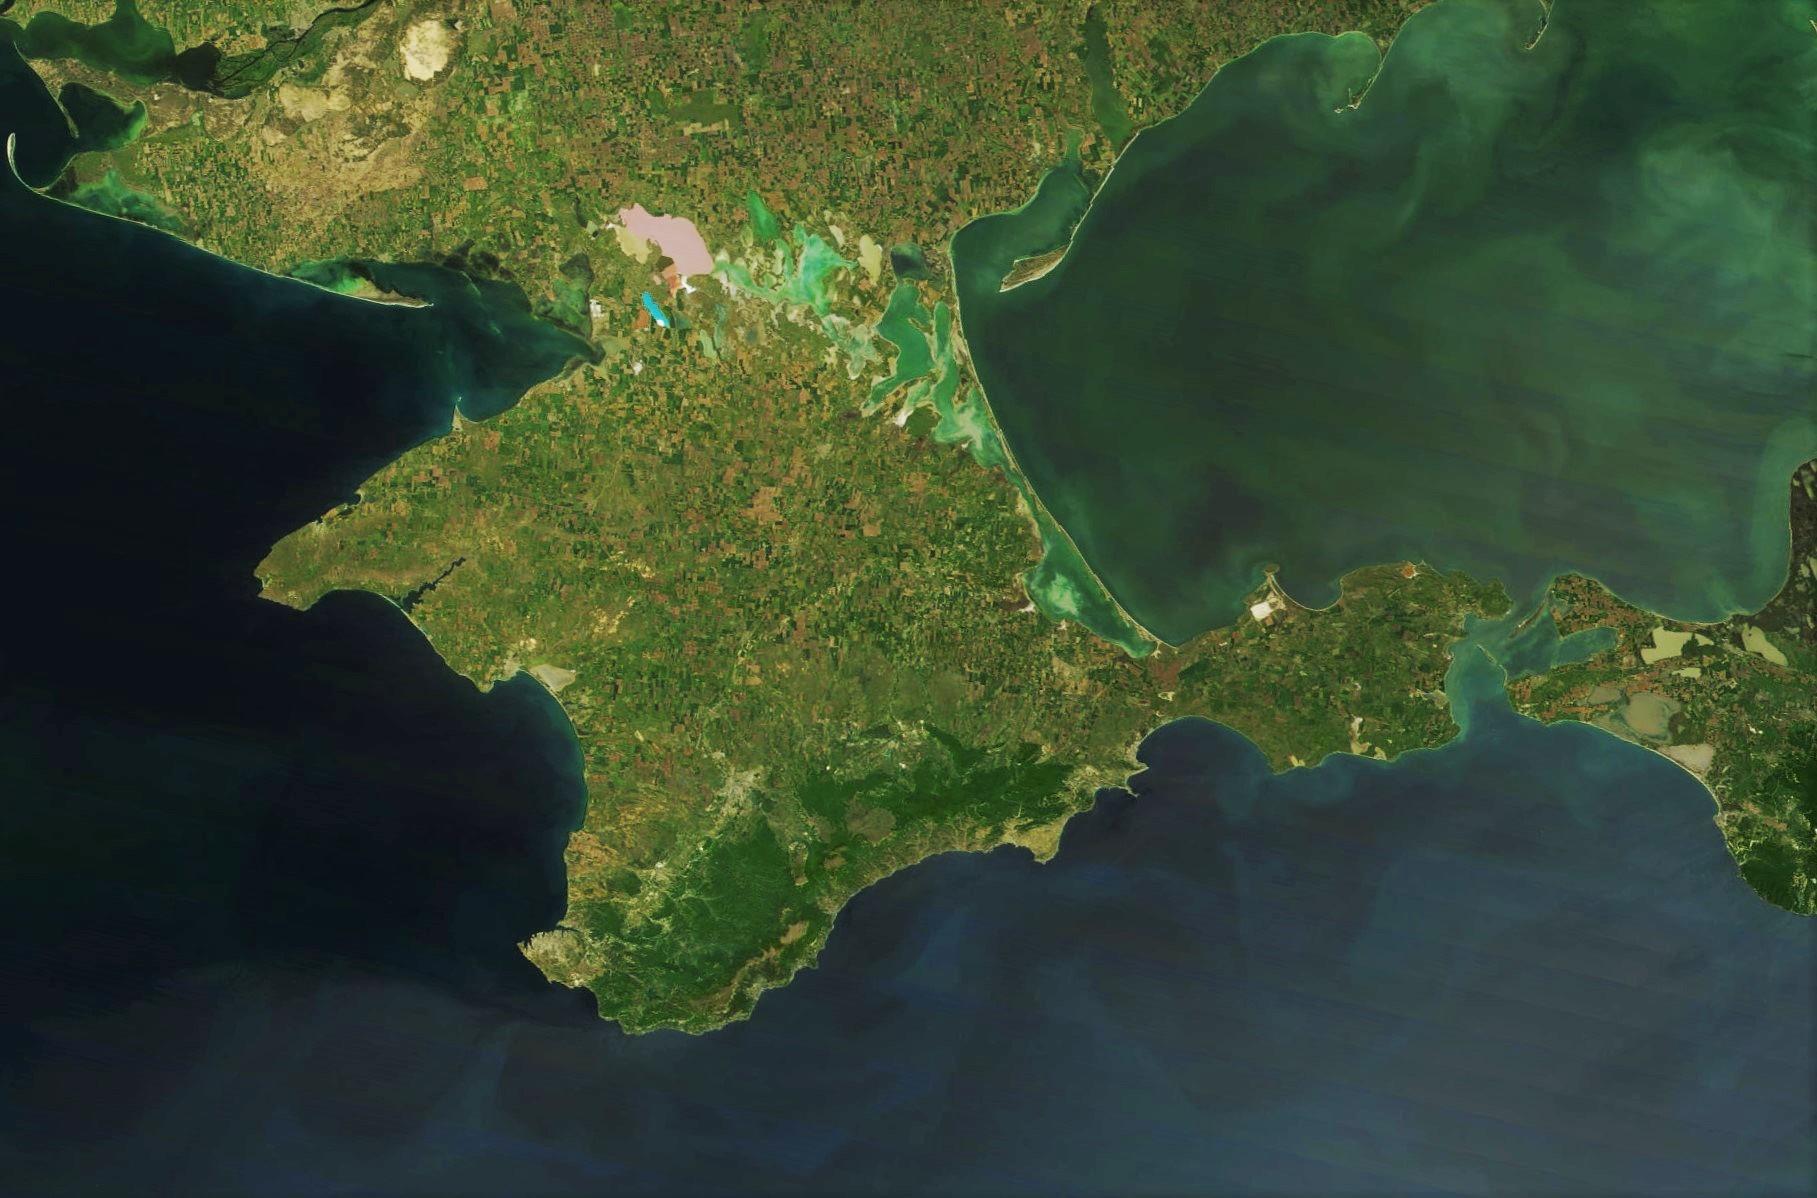 Оператор Севастополя покидает Крым перед приходом компании «Ростелекома»